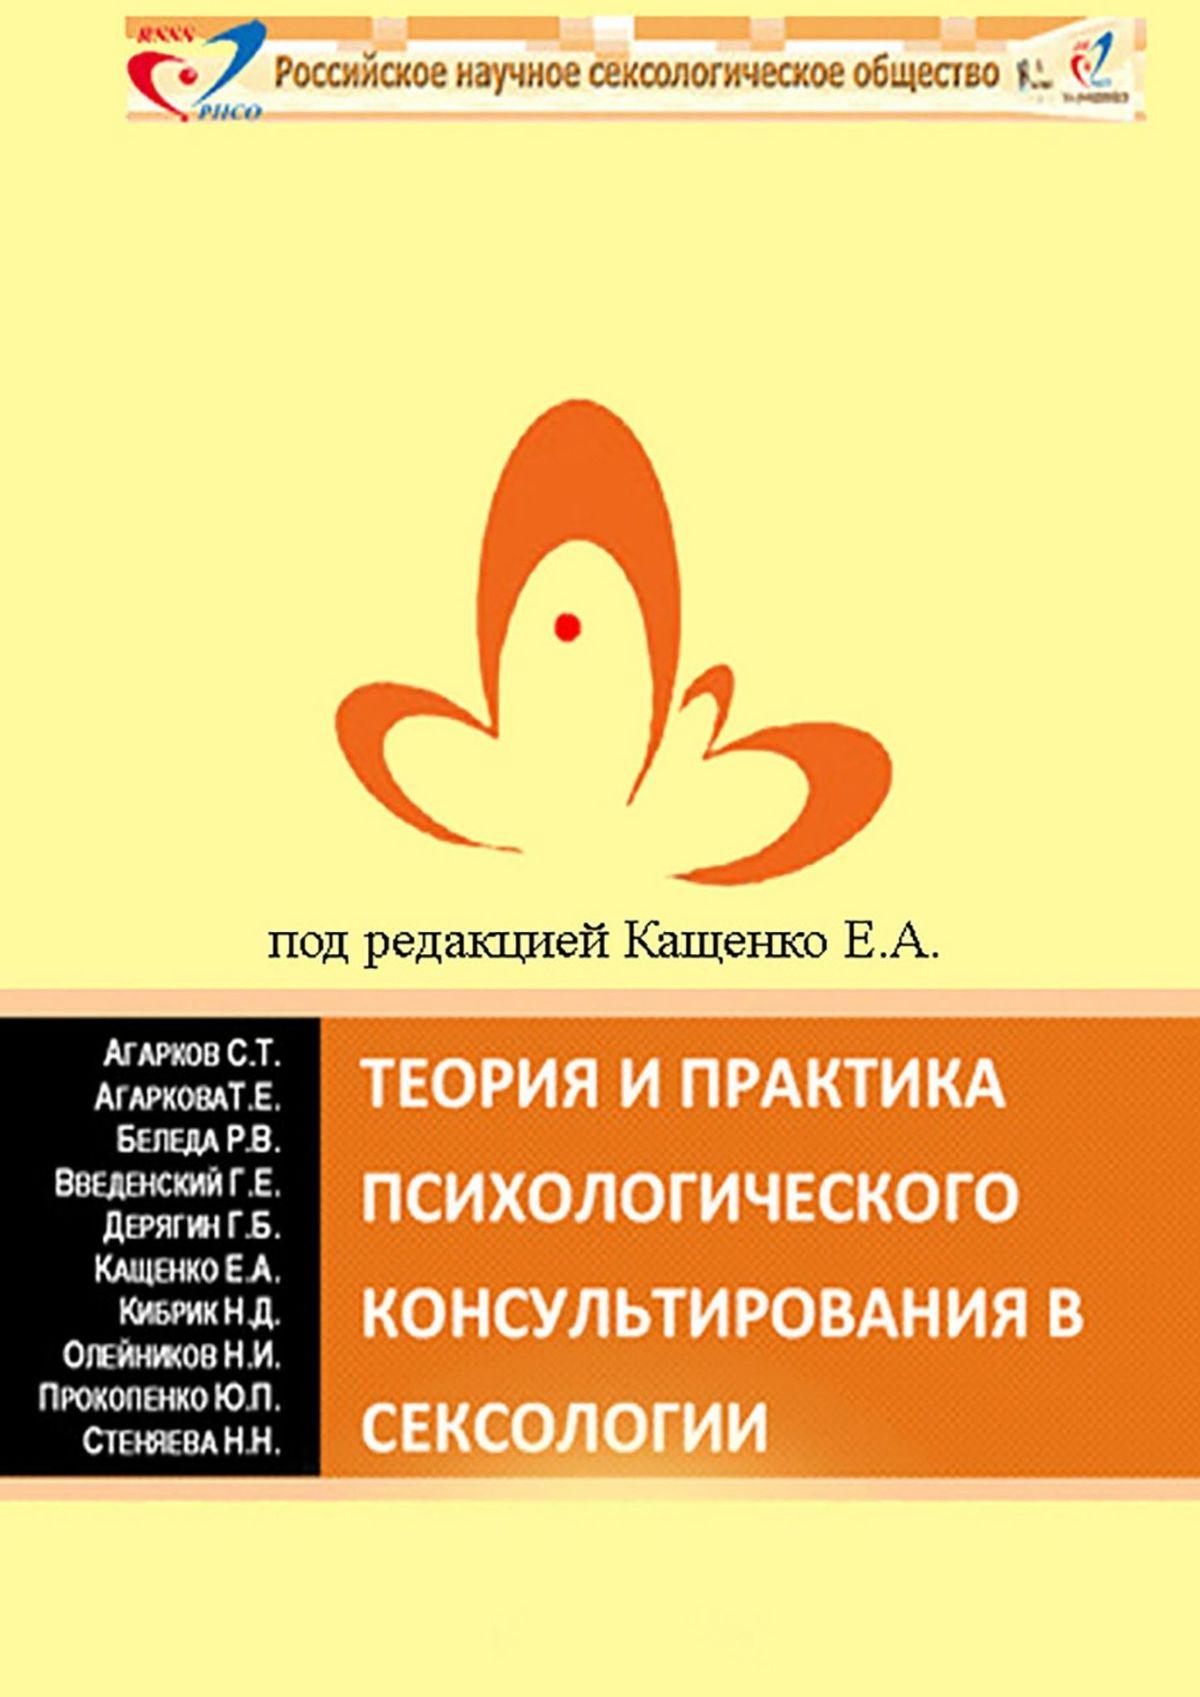 Теория ипрактика психологического консультирования всексологии. Избранные лекции вавторской редакции